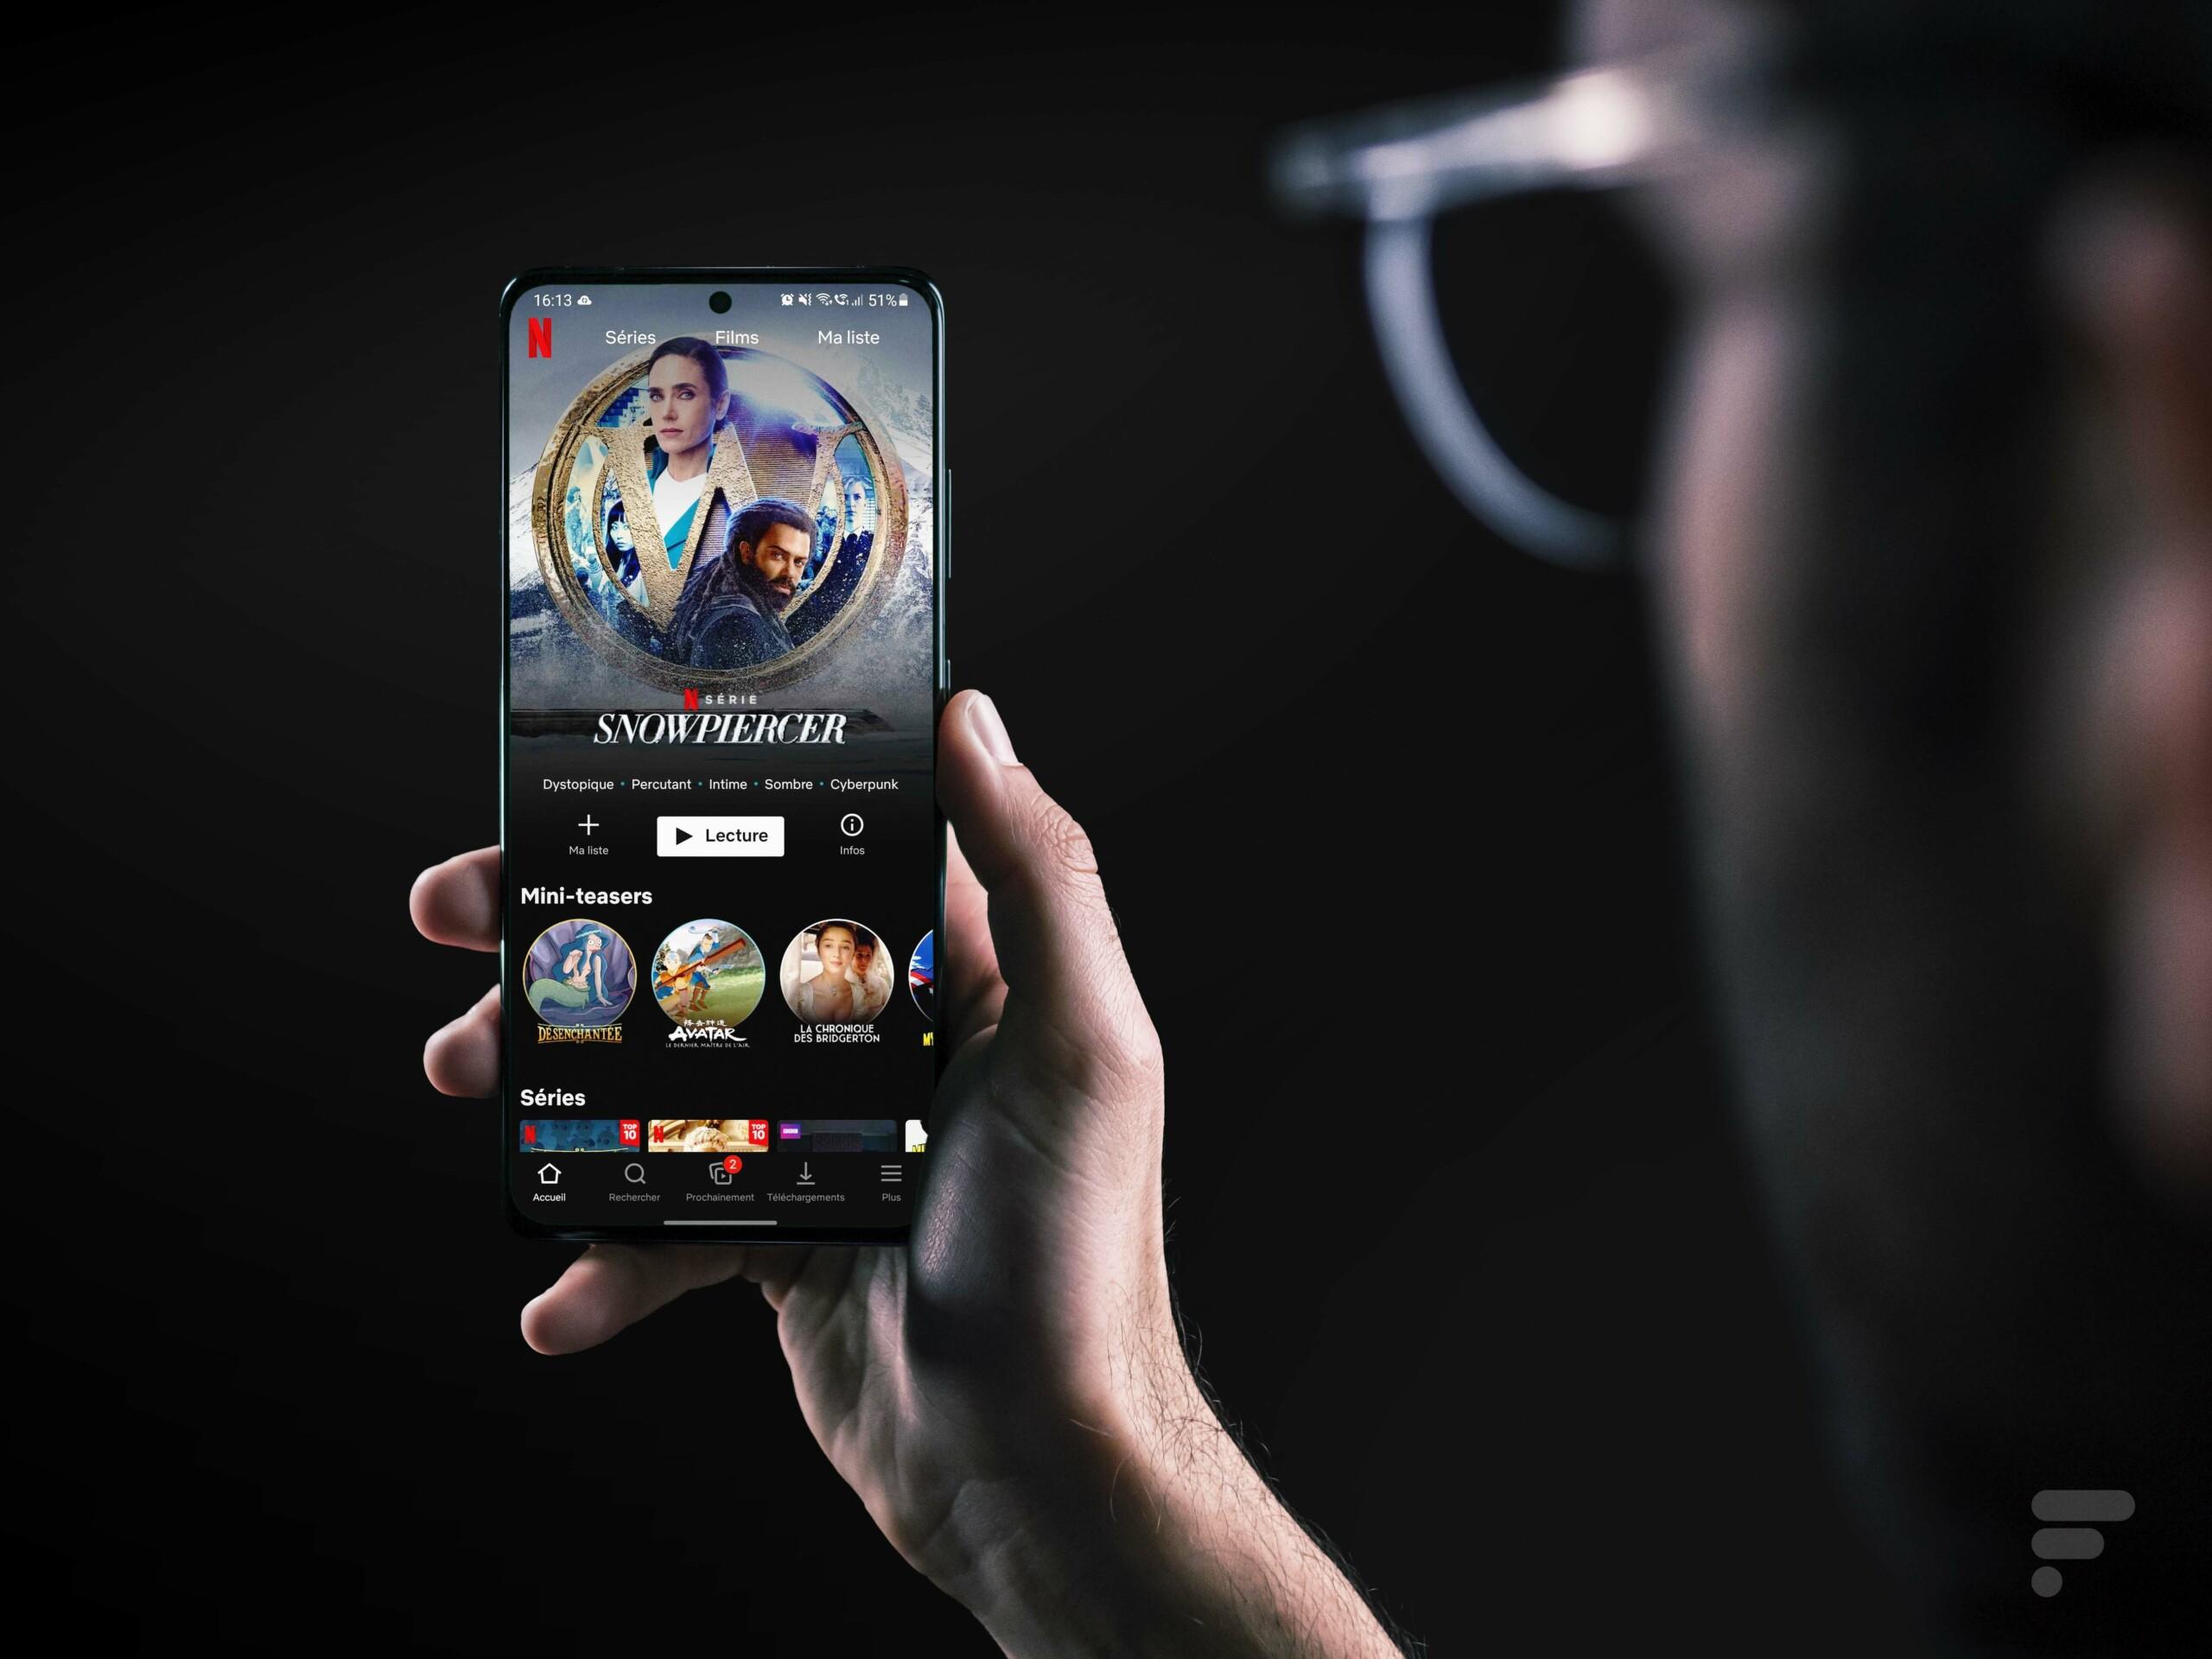 Galaxy S21 : Samsung fait encore l'impasse sur une fonction d'Android, cinq ans après sa sortie